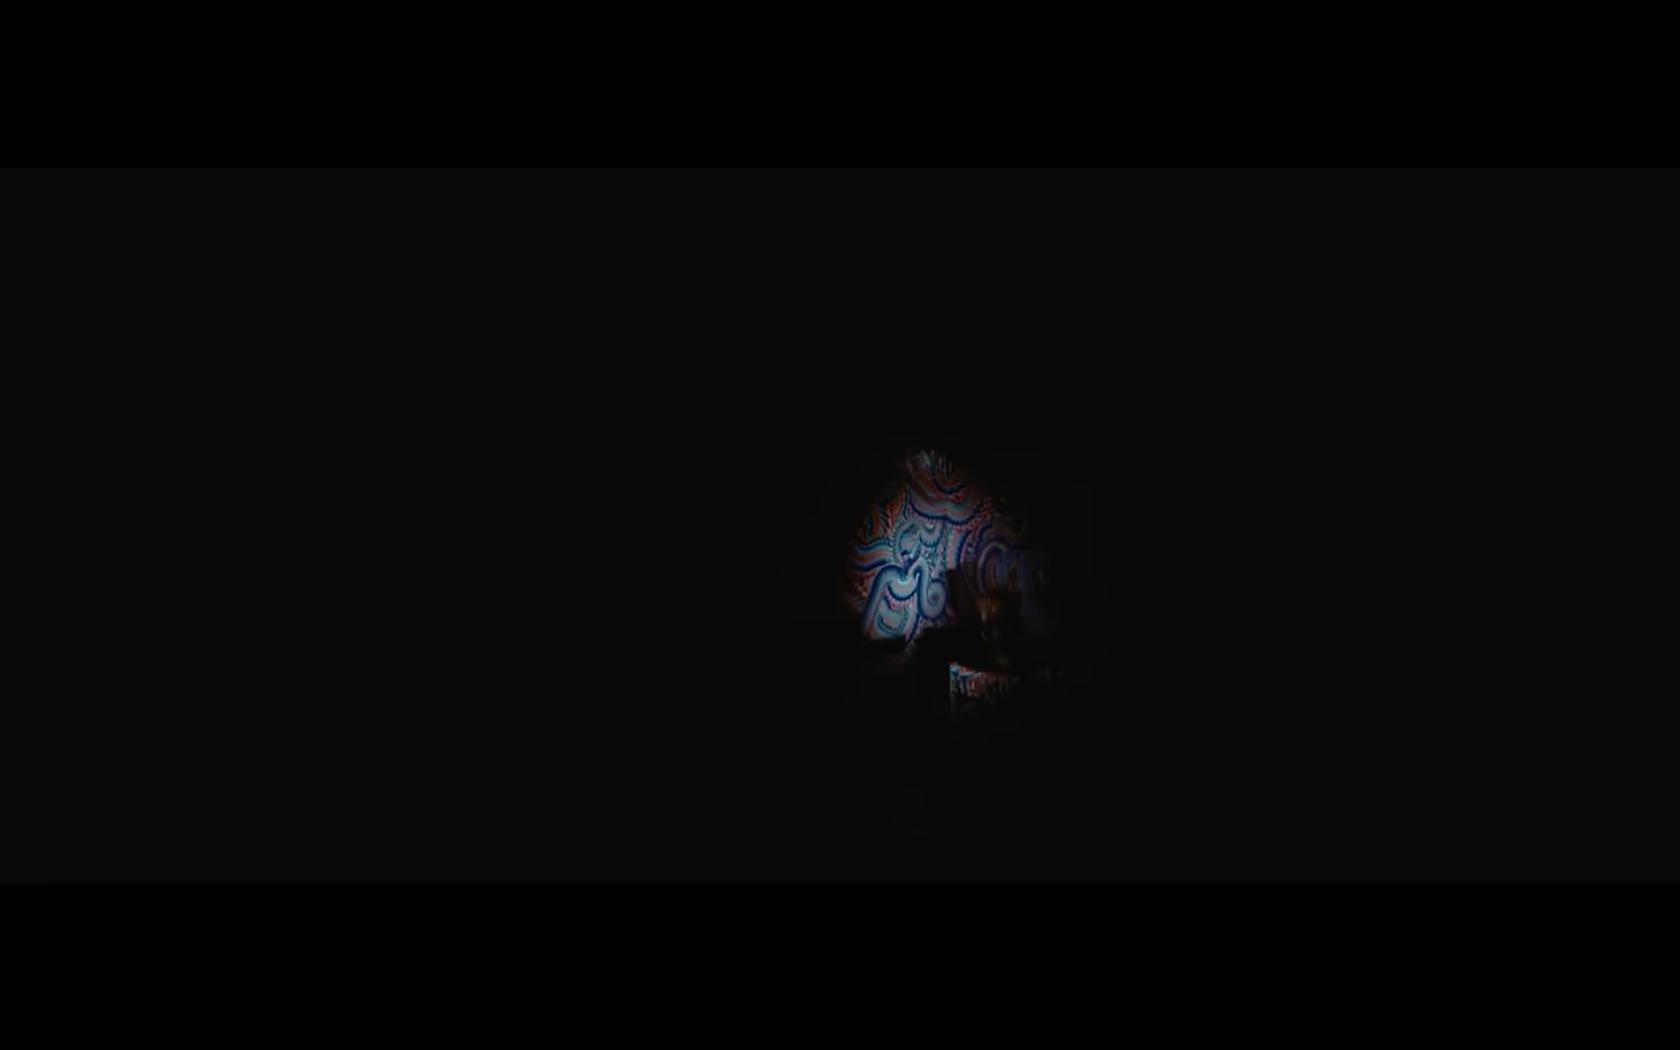 Bildschirmfoto 2017-03-12 um 23.01.48.png